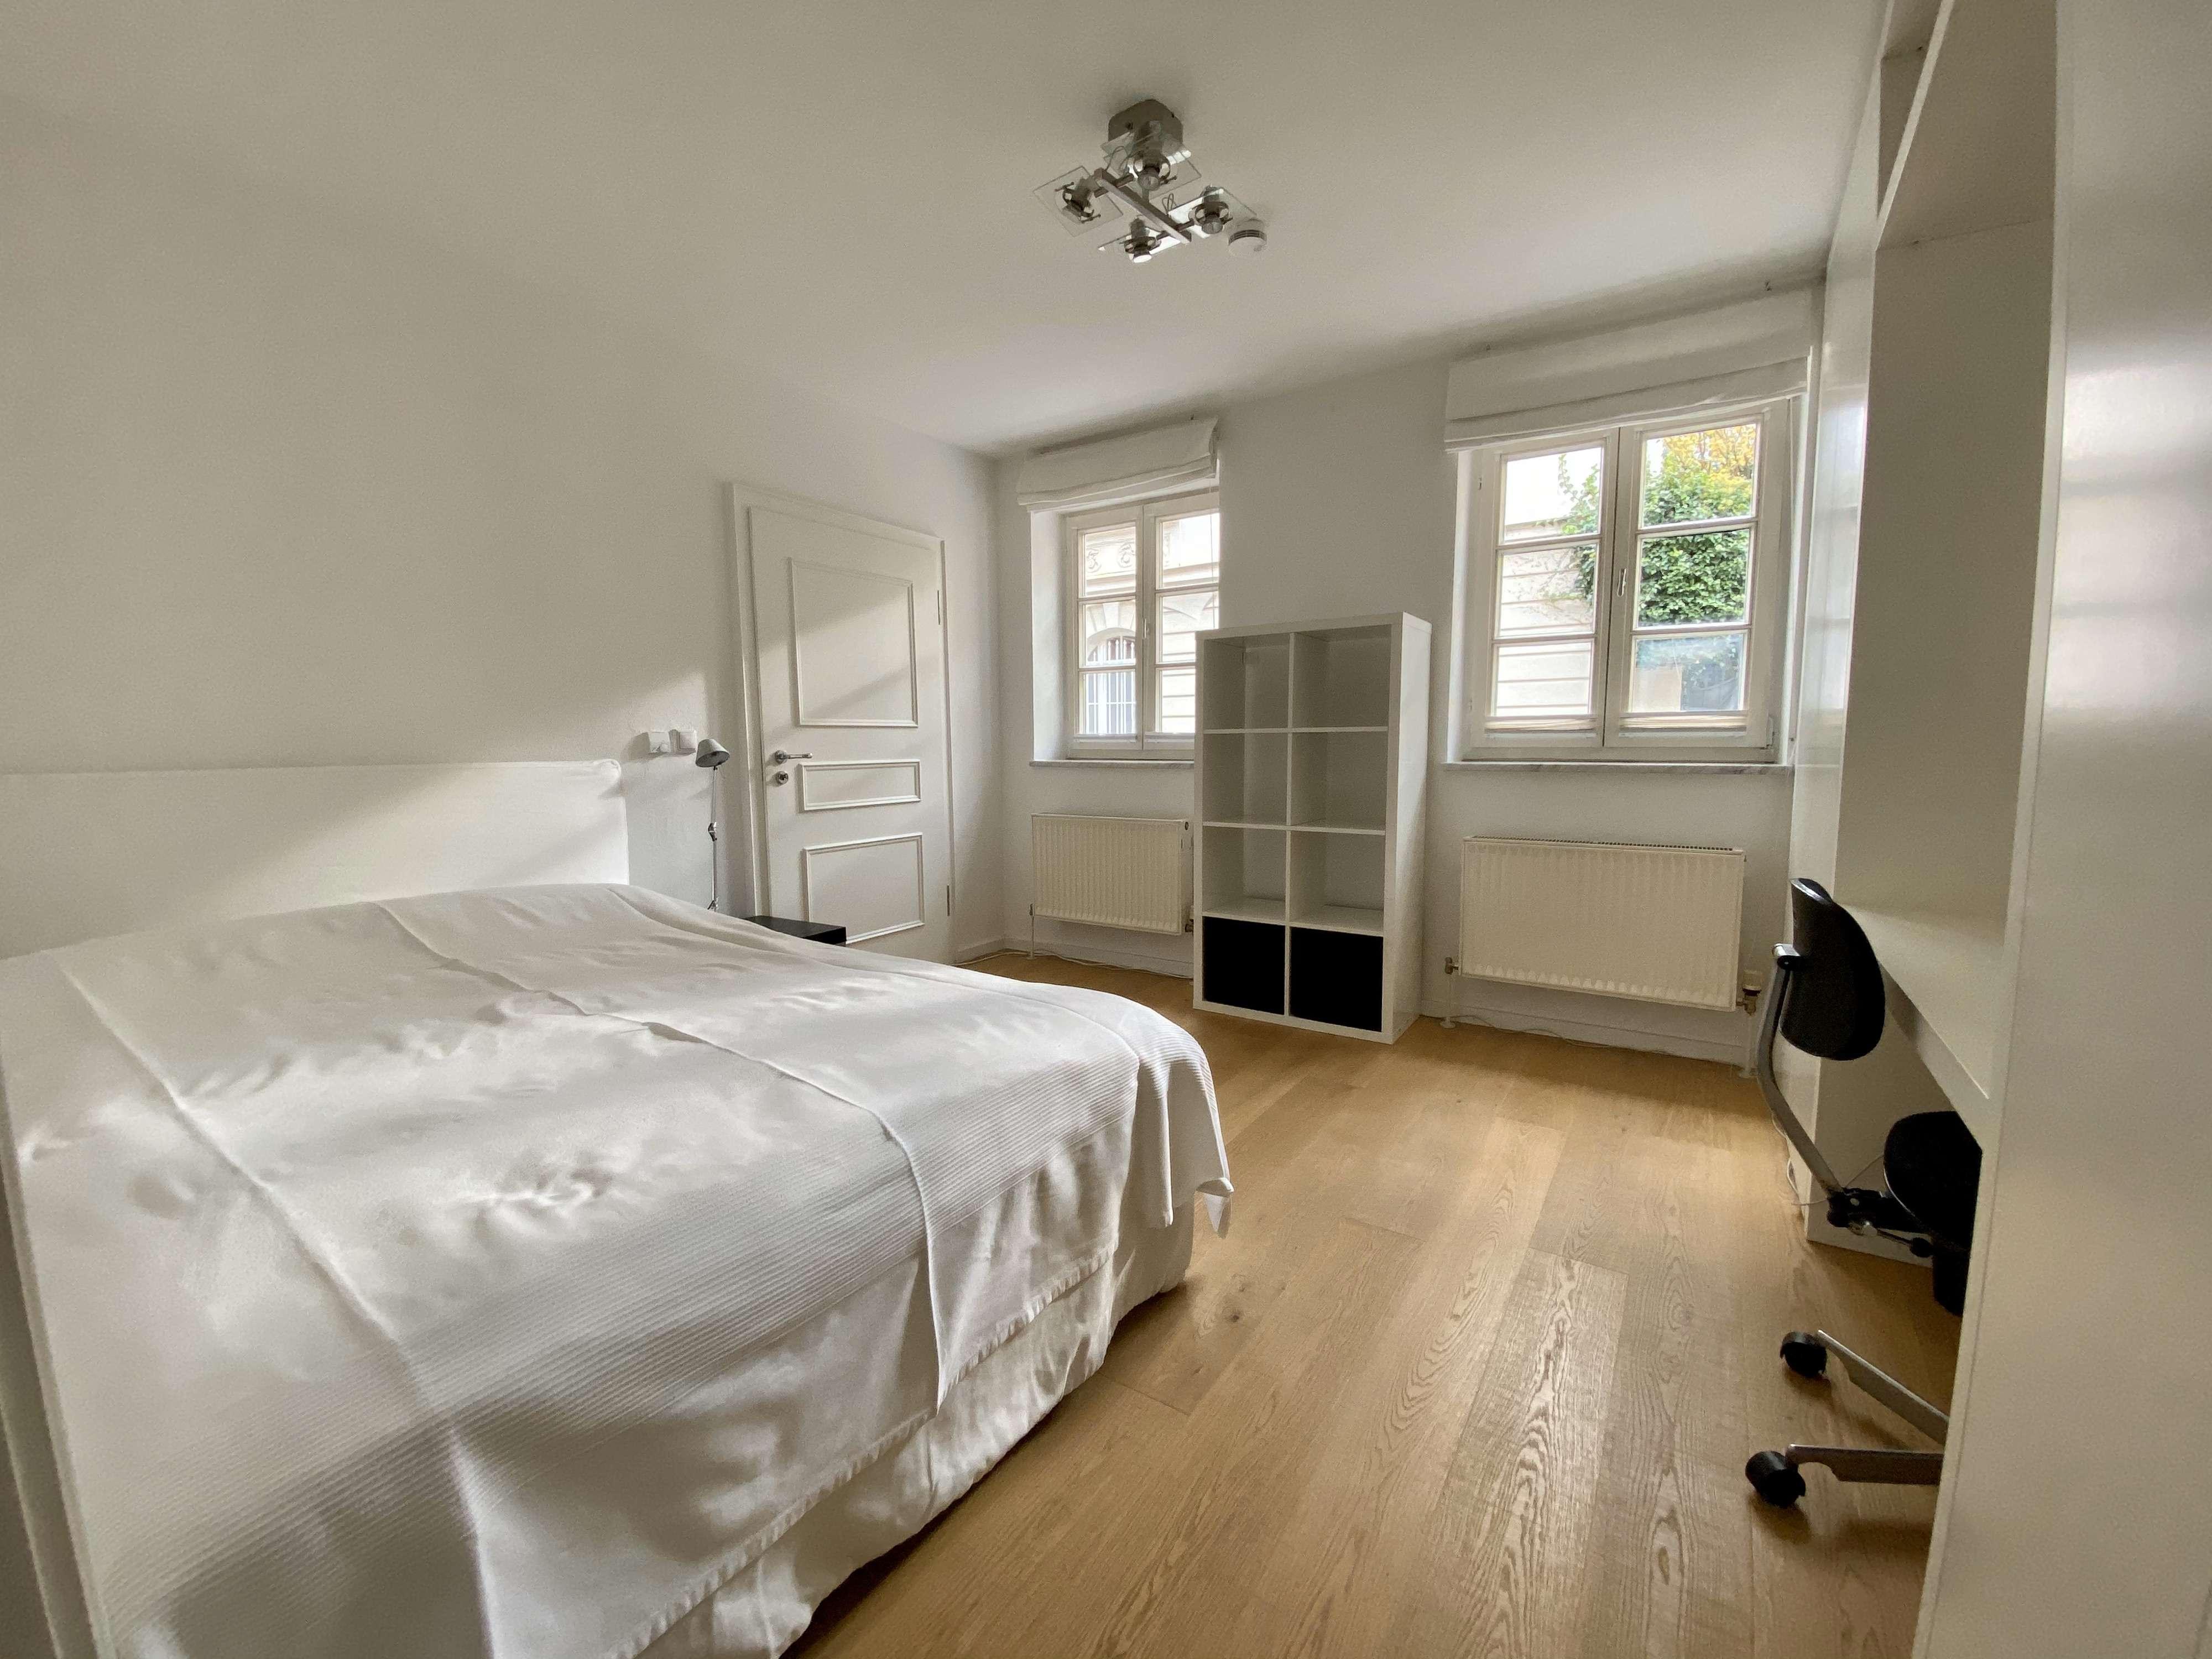 Haidhausen Max-Weber-Platz: Möblierte Zweizimmer-Wohnung in Haidhausen (München)